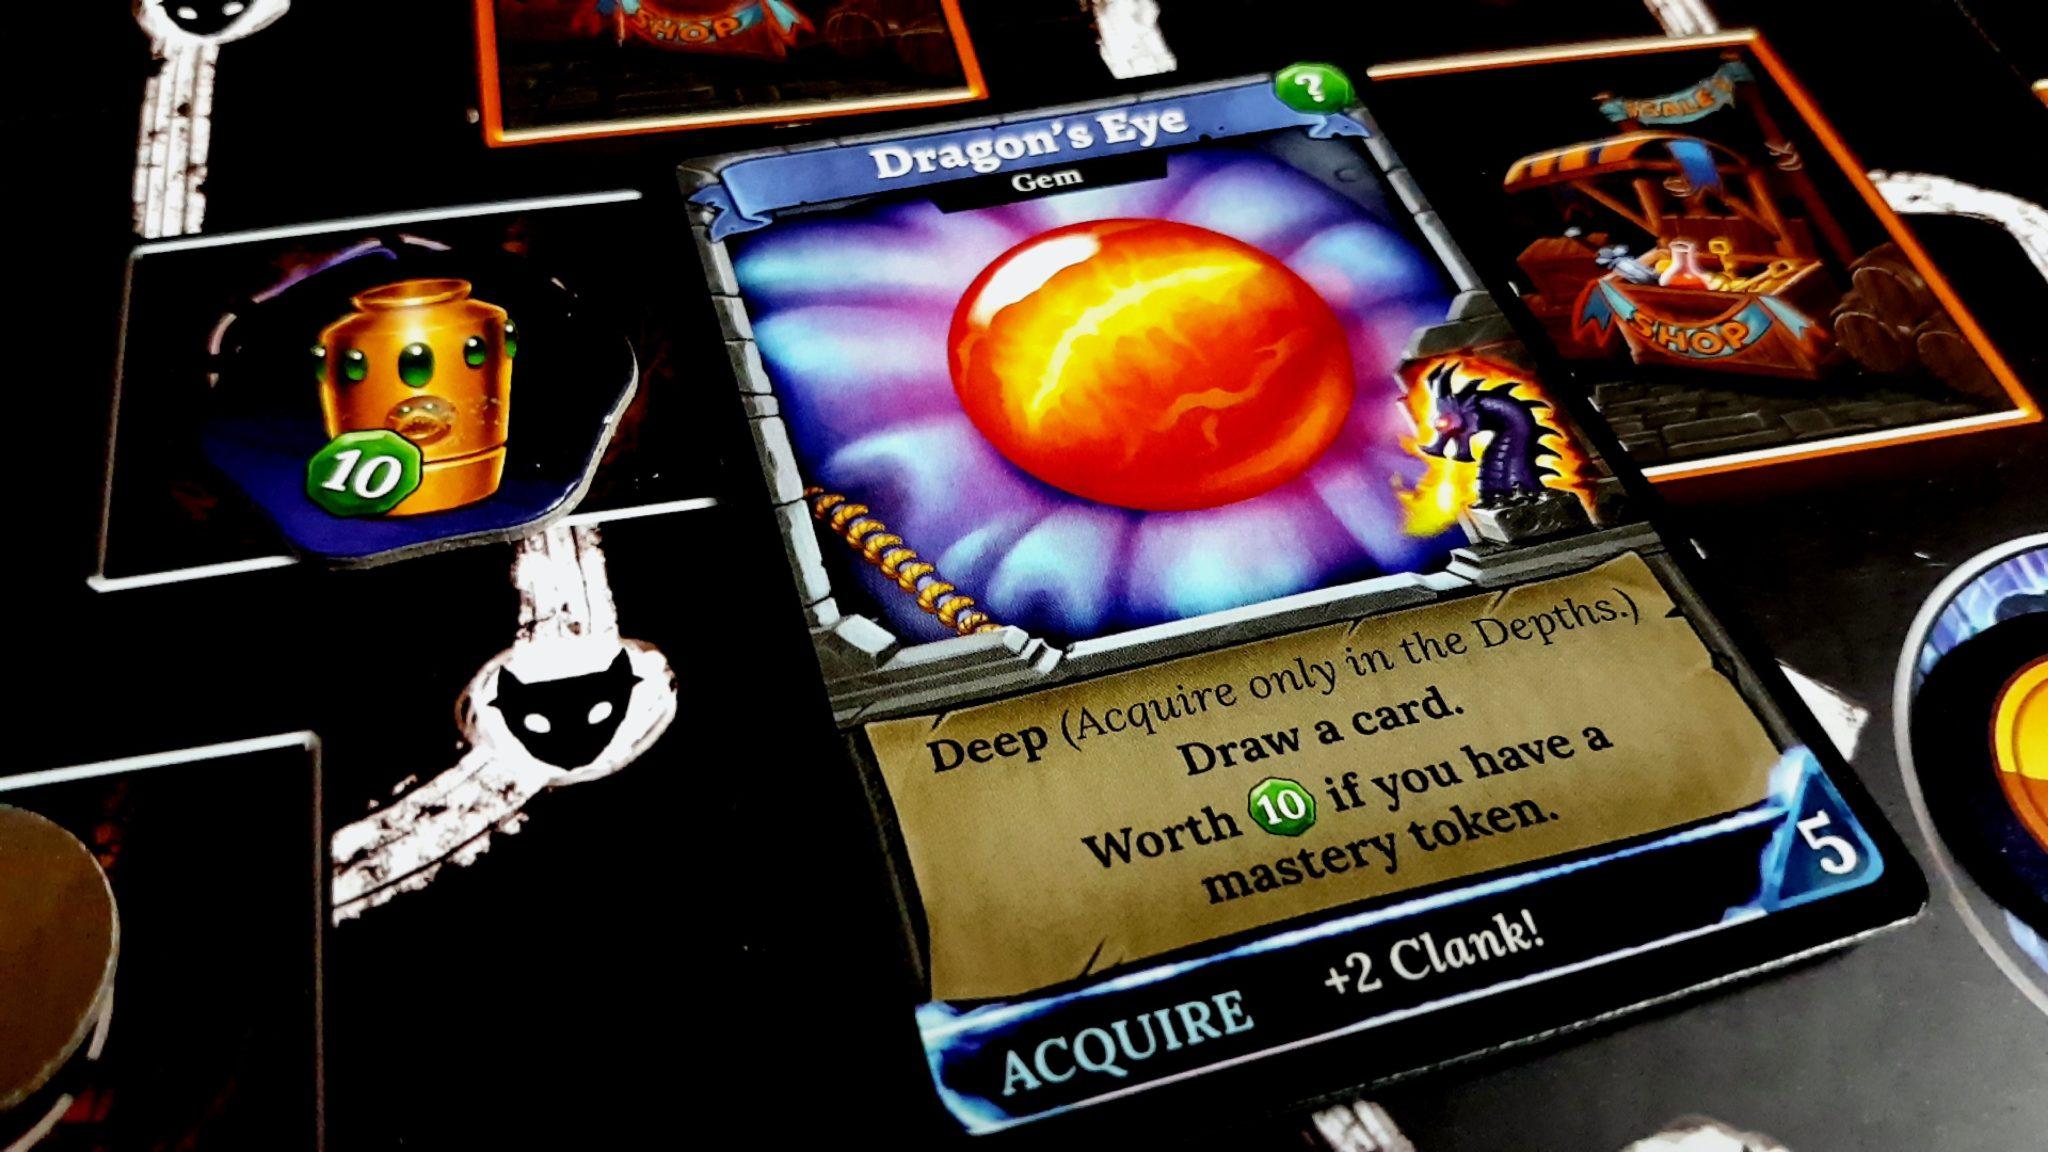 Dragon eye card